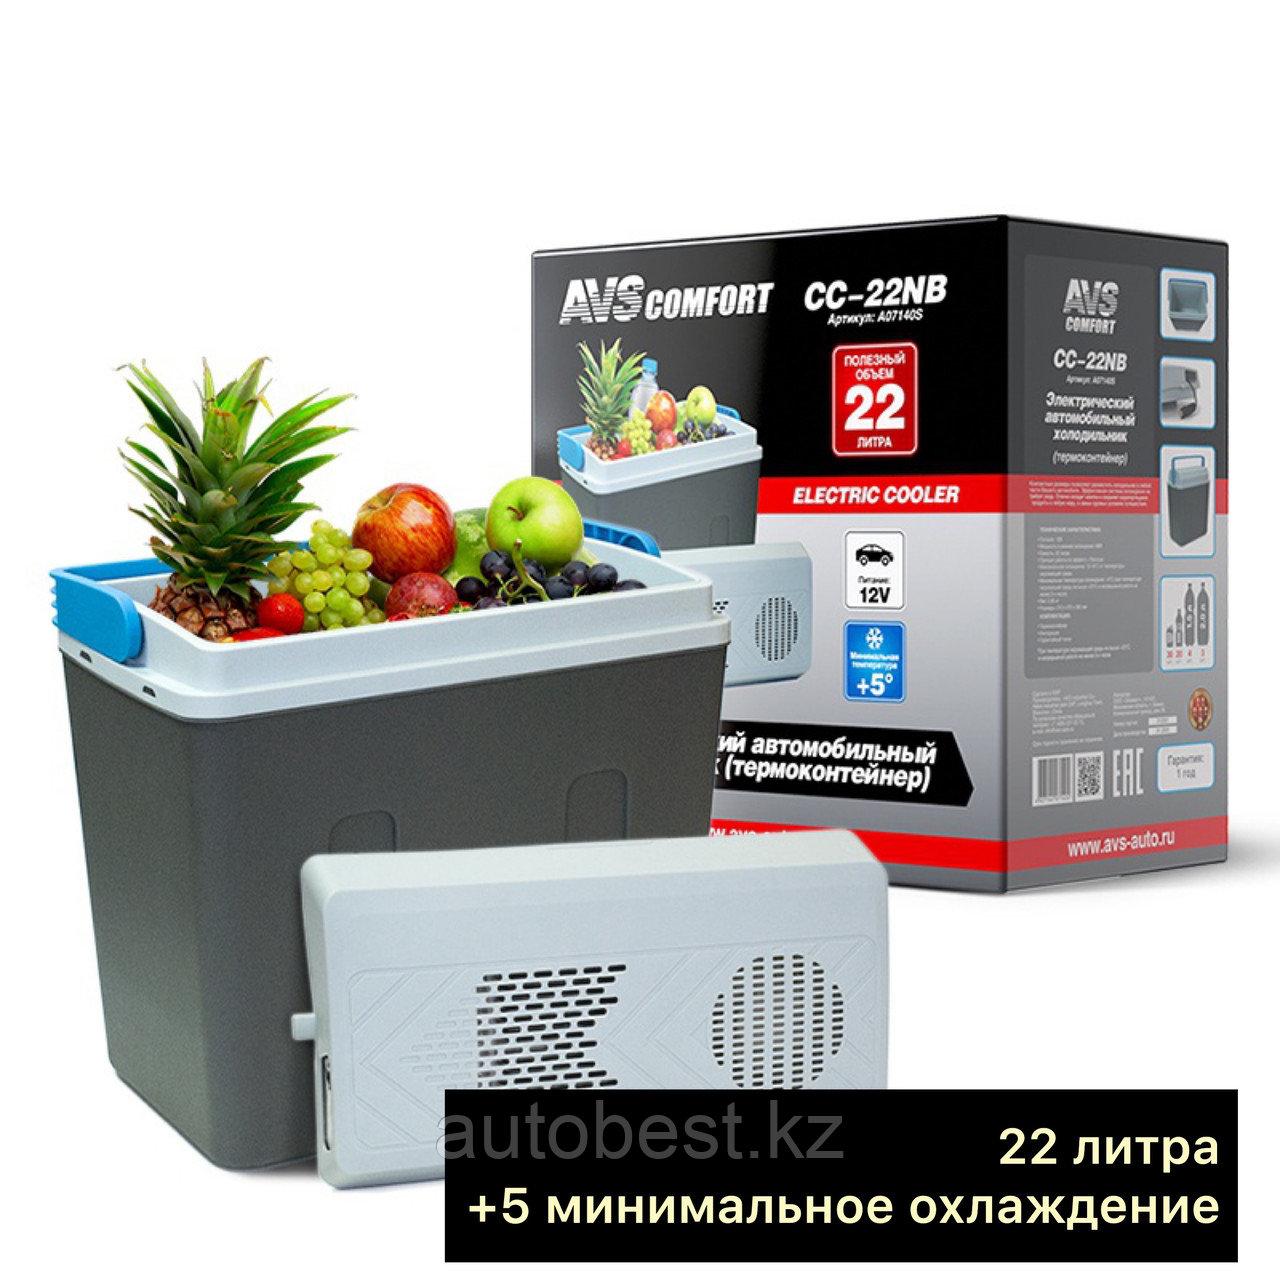 Холодильник автомобильный AVS CC-22NB (22л 12В) Автохолодильник